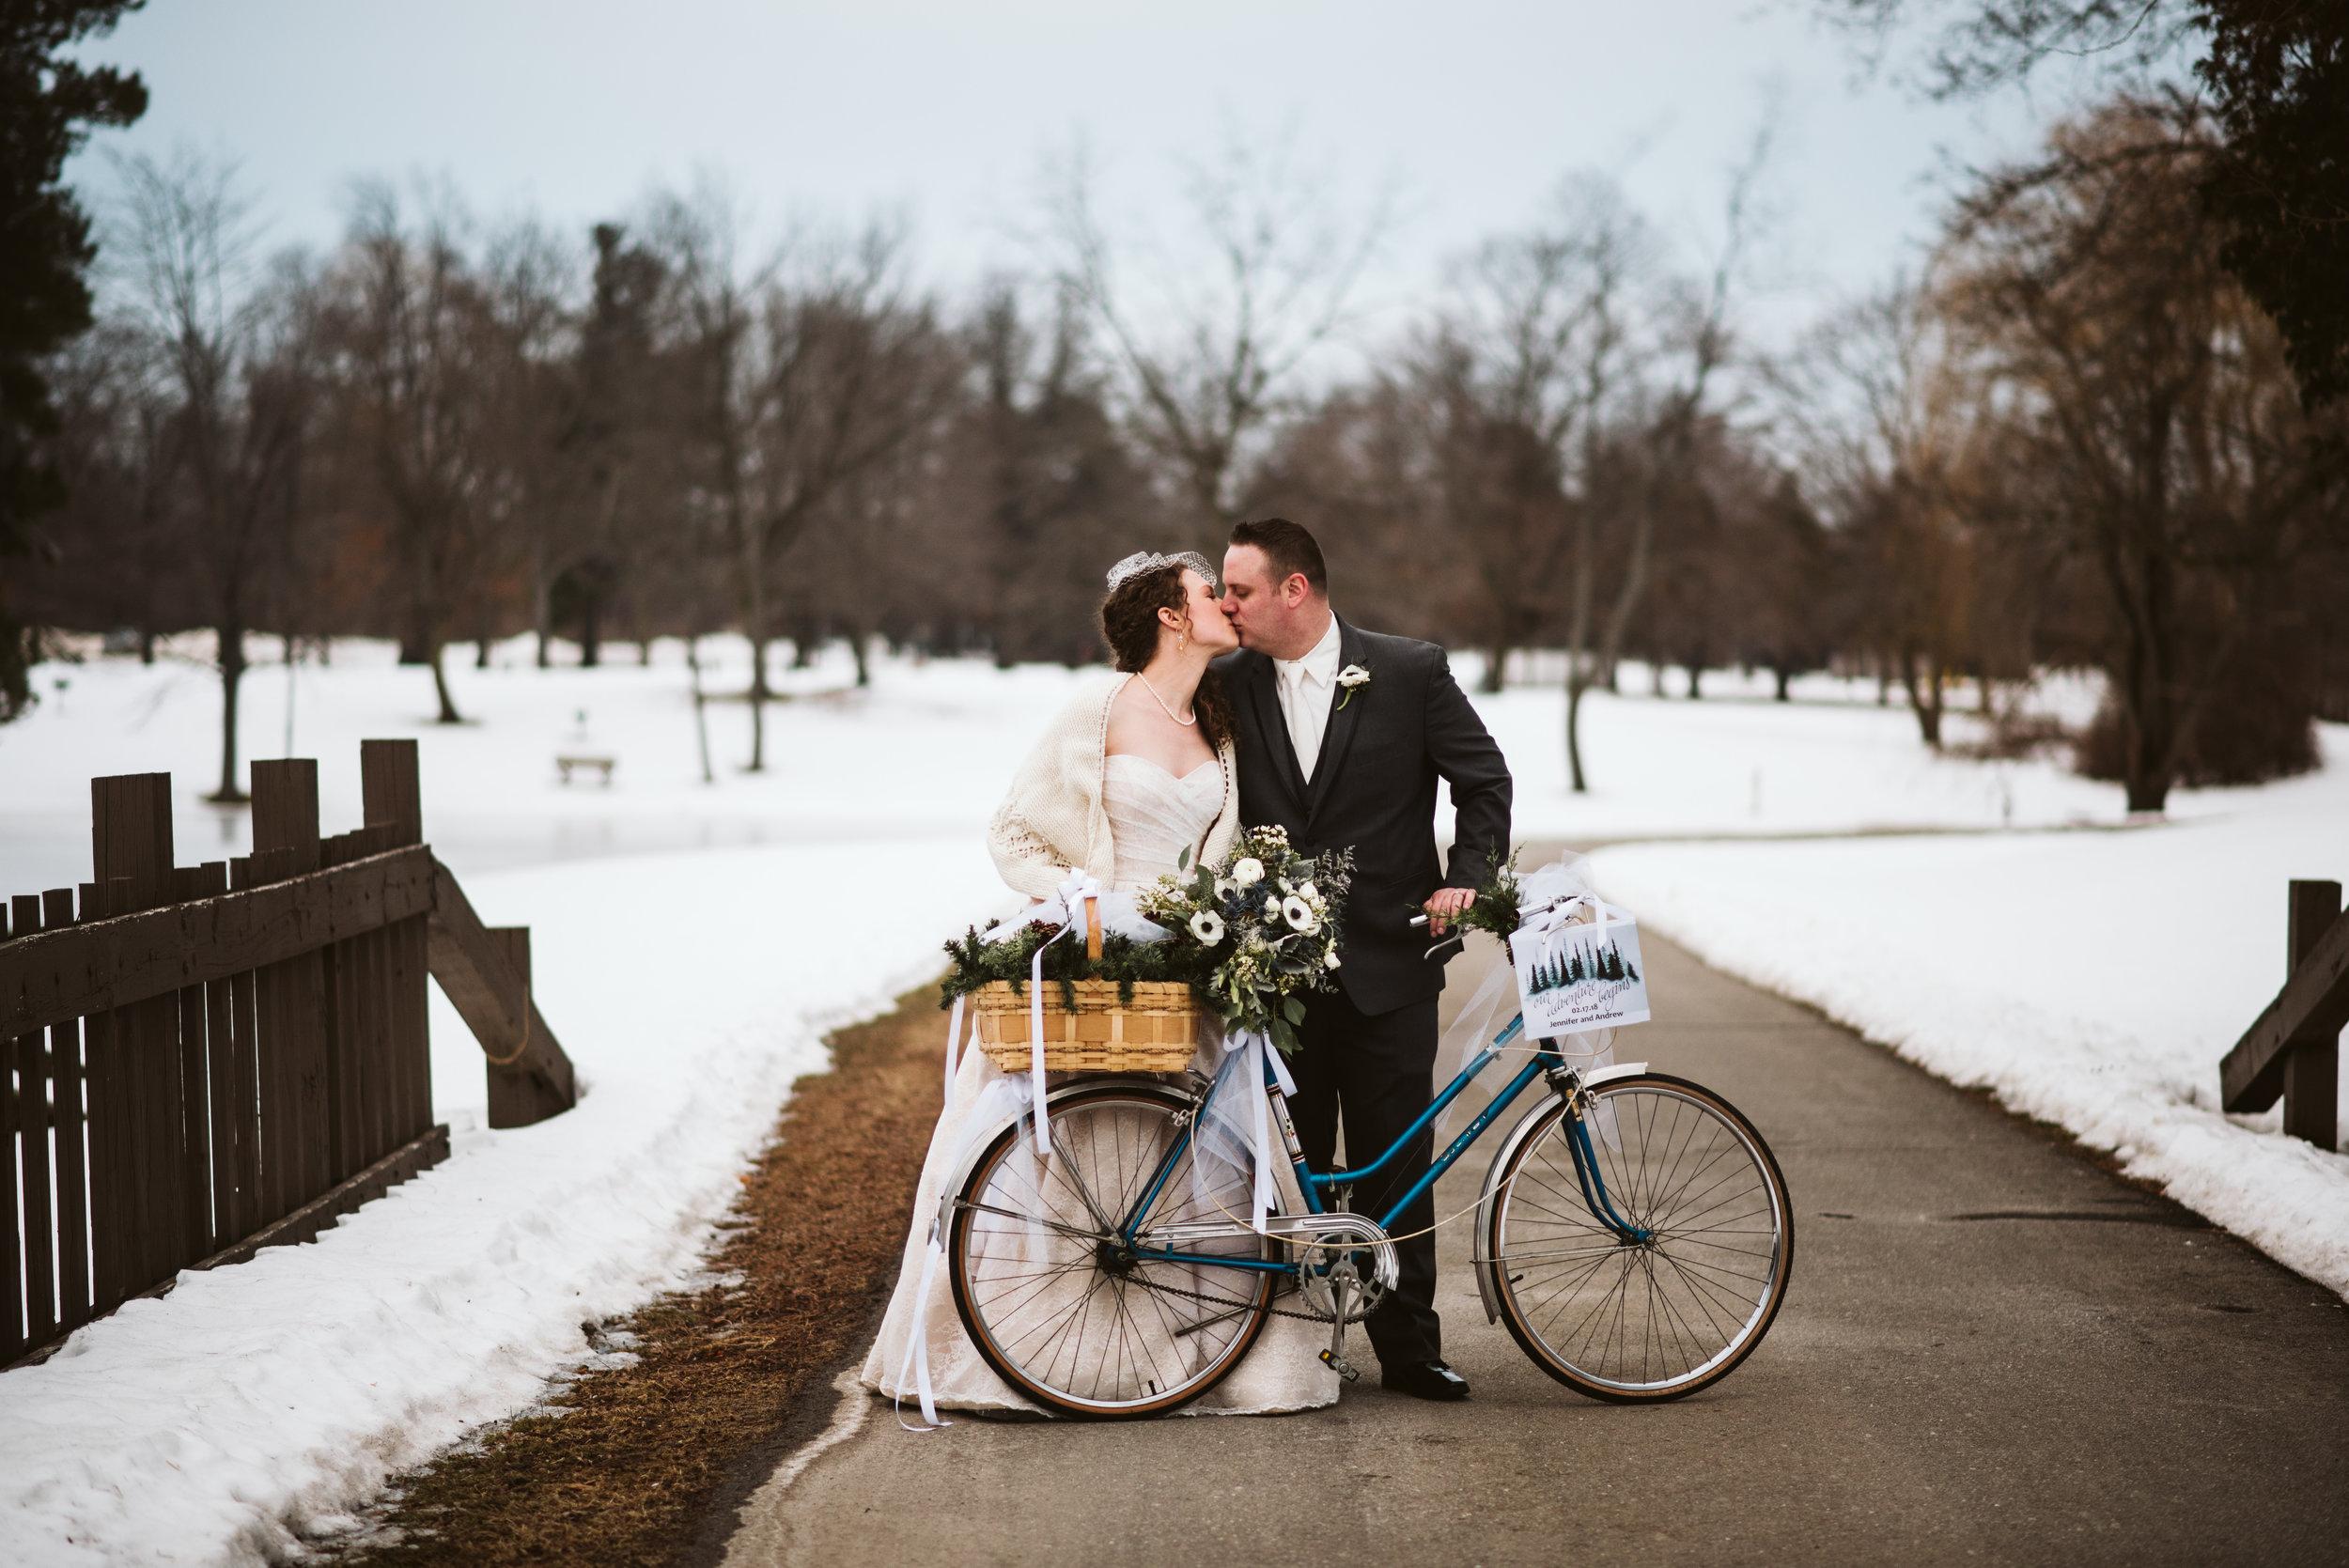 Bride and groom kissing  behind bicycle.